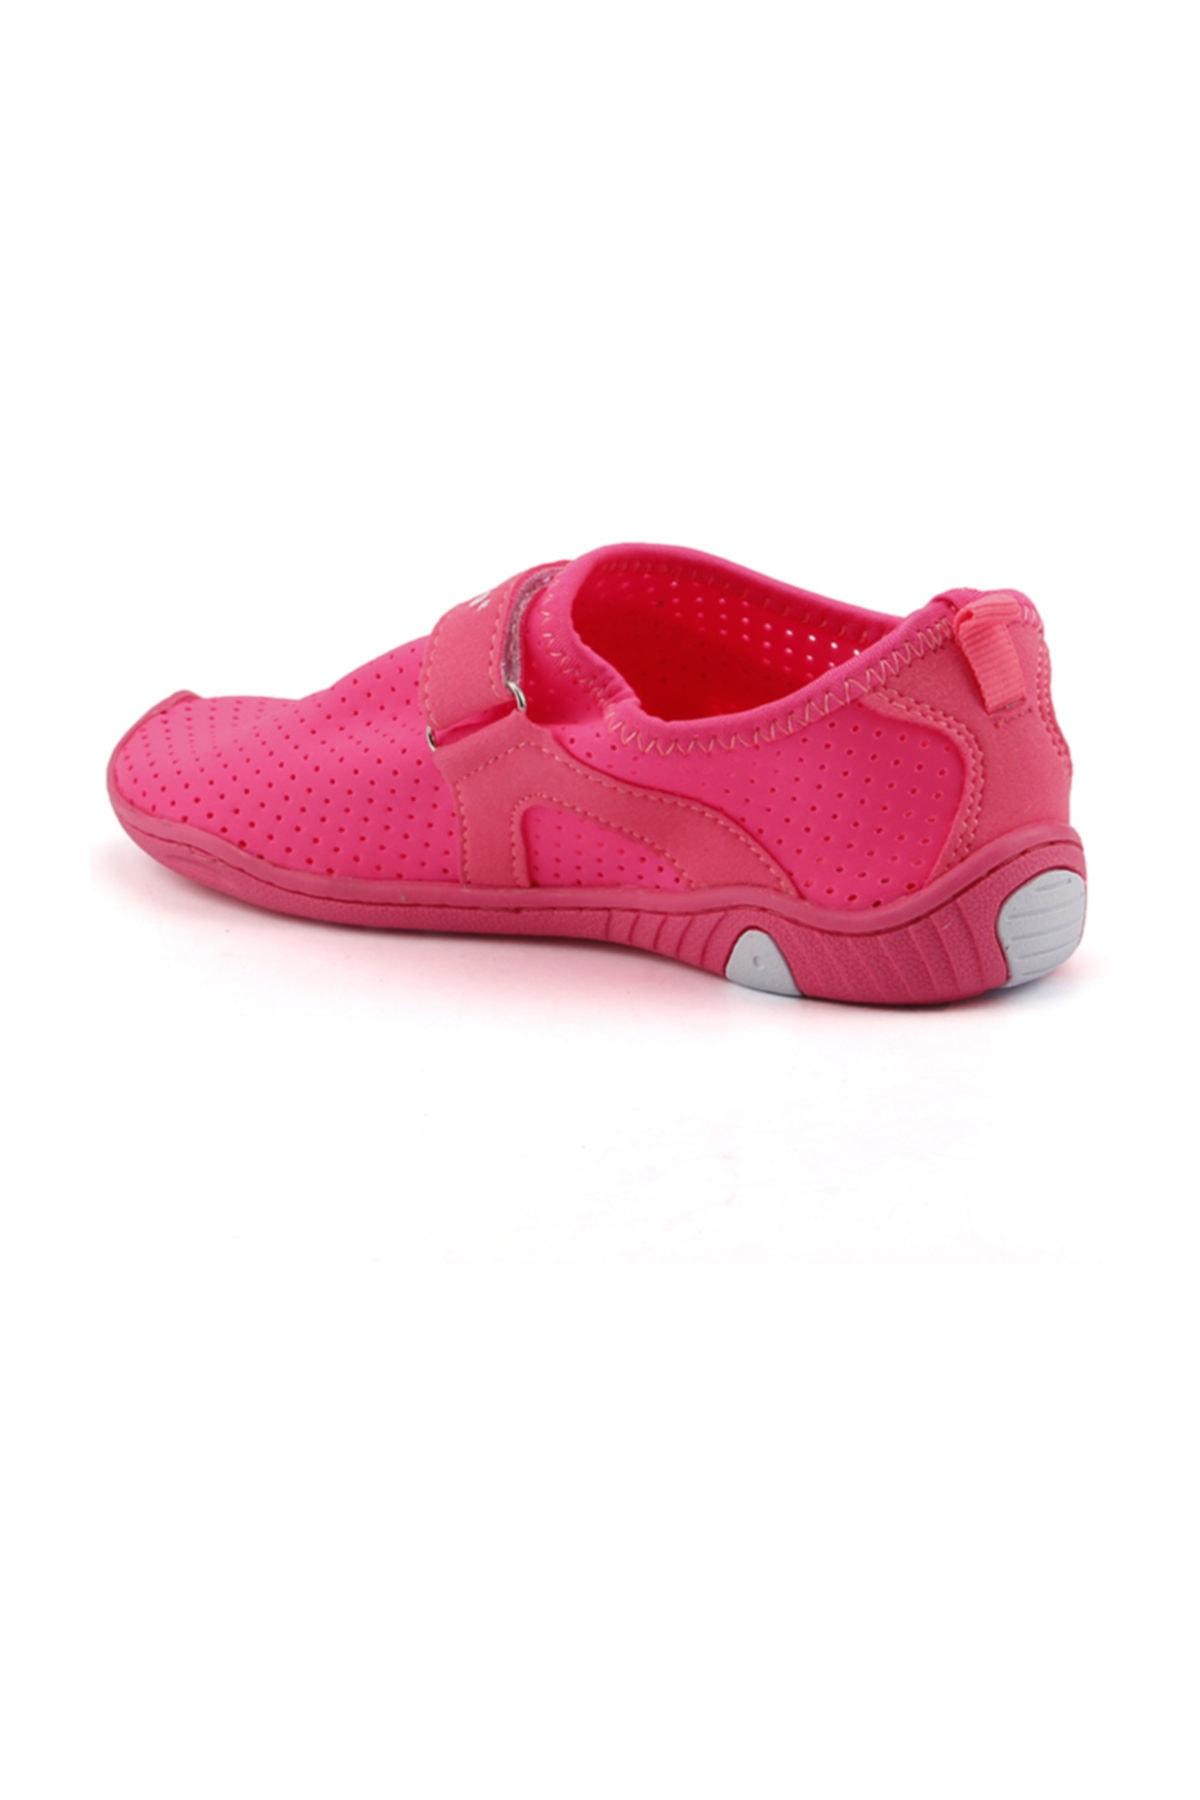 Vicco Pembe Kız Çocuk Deniz Ayakkabısı 2